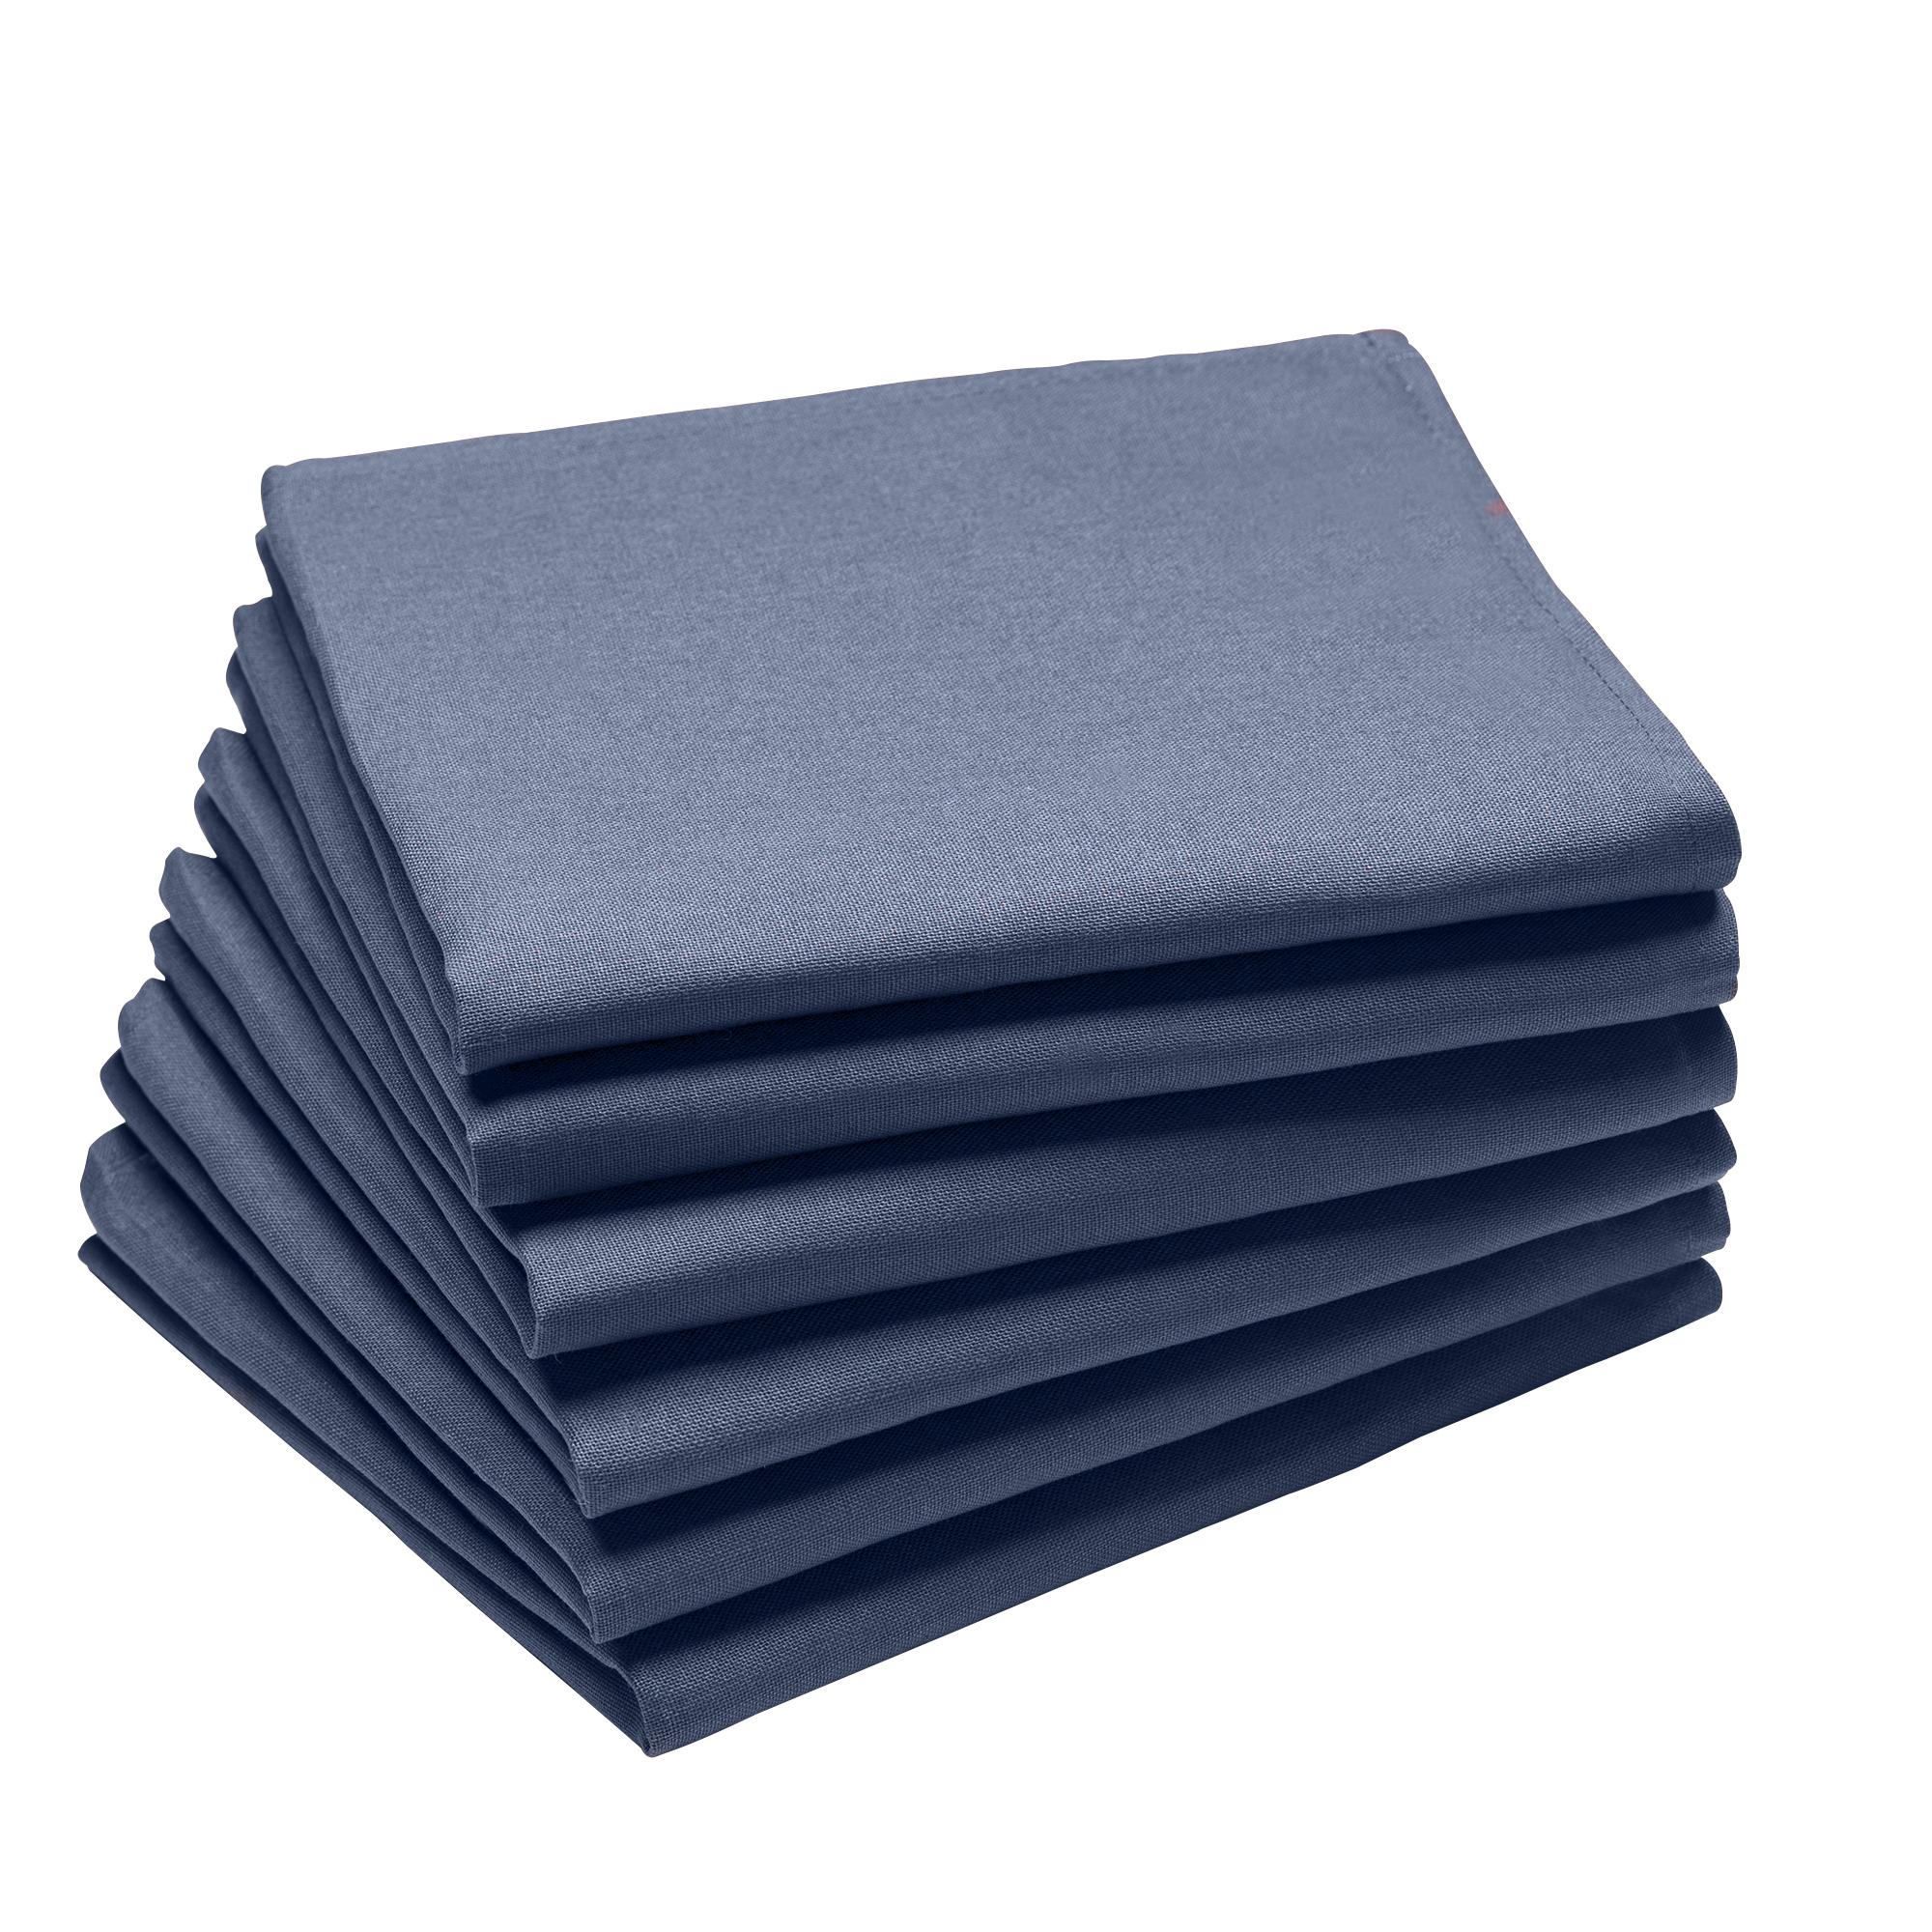 Lot de 6 serviettes en coton traite Teflon, Cyclades 45 x 45